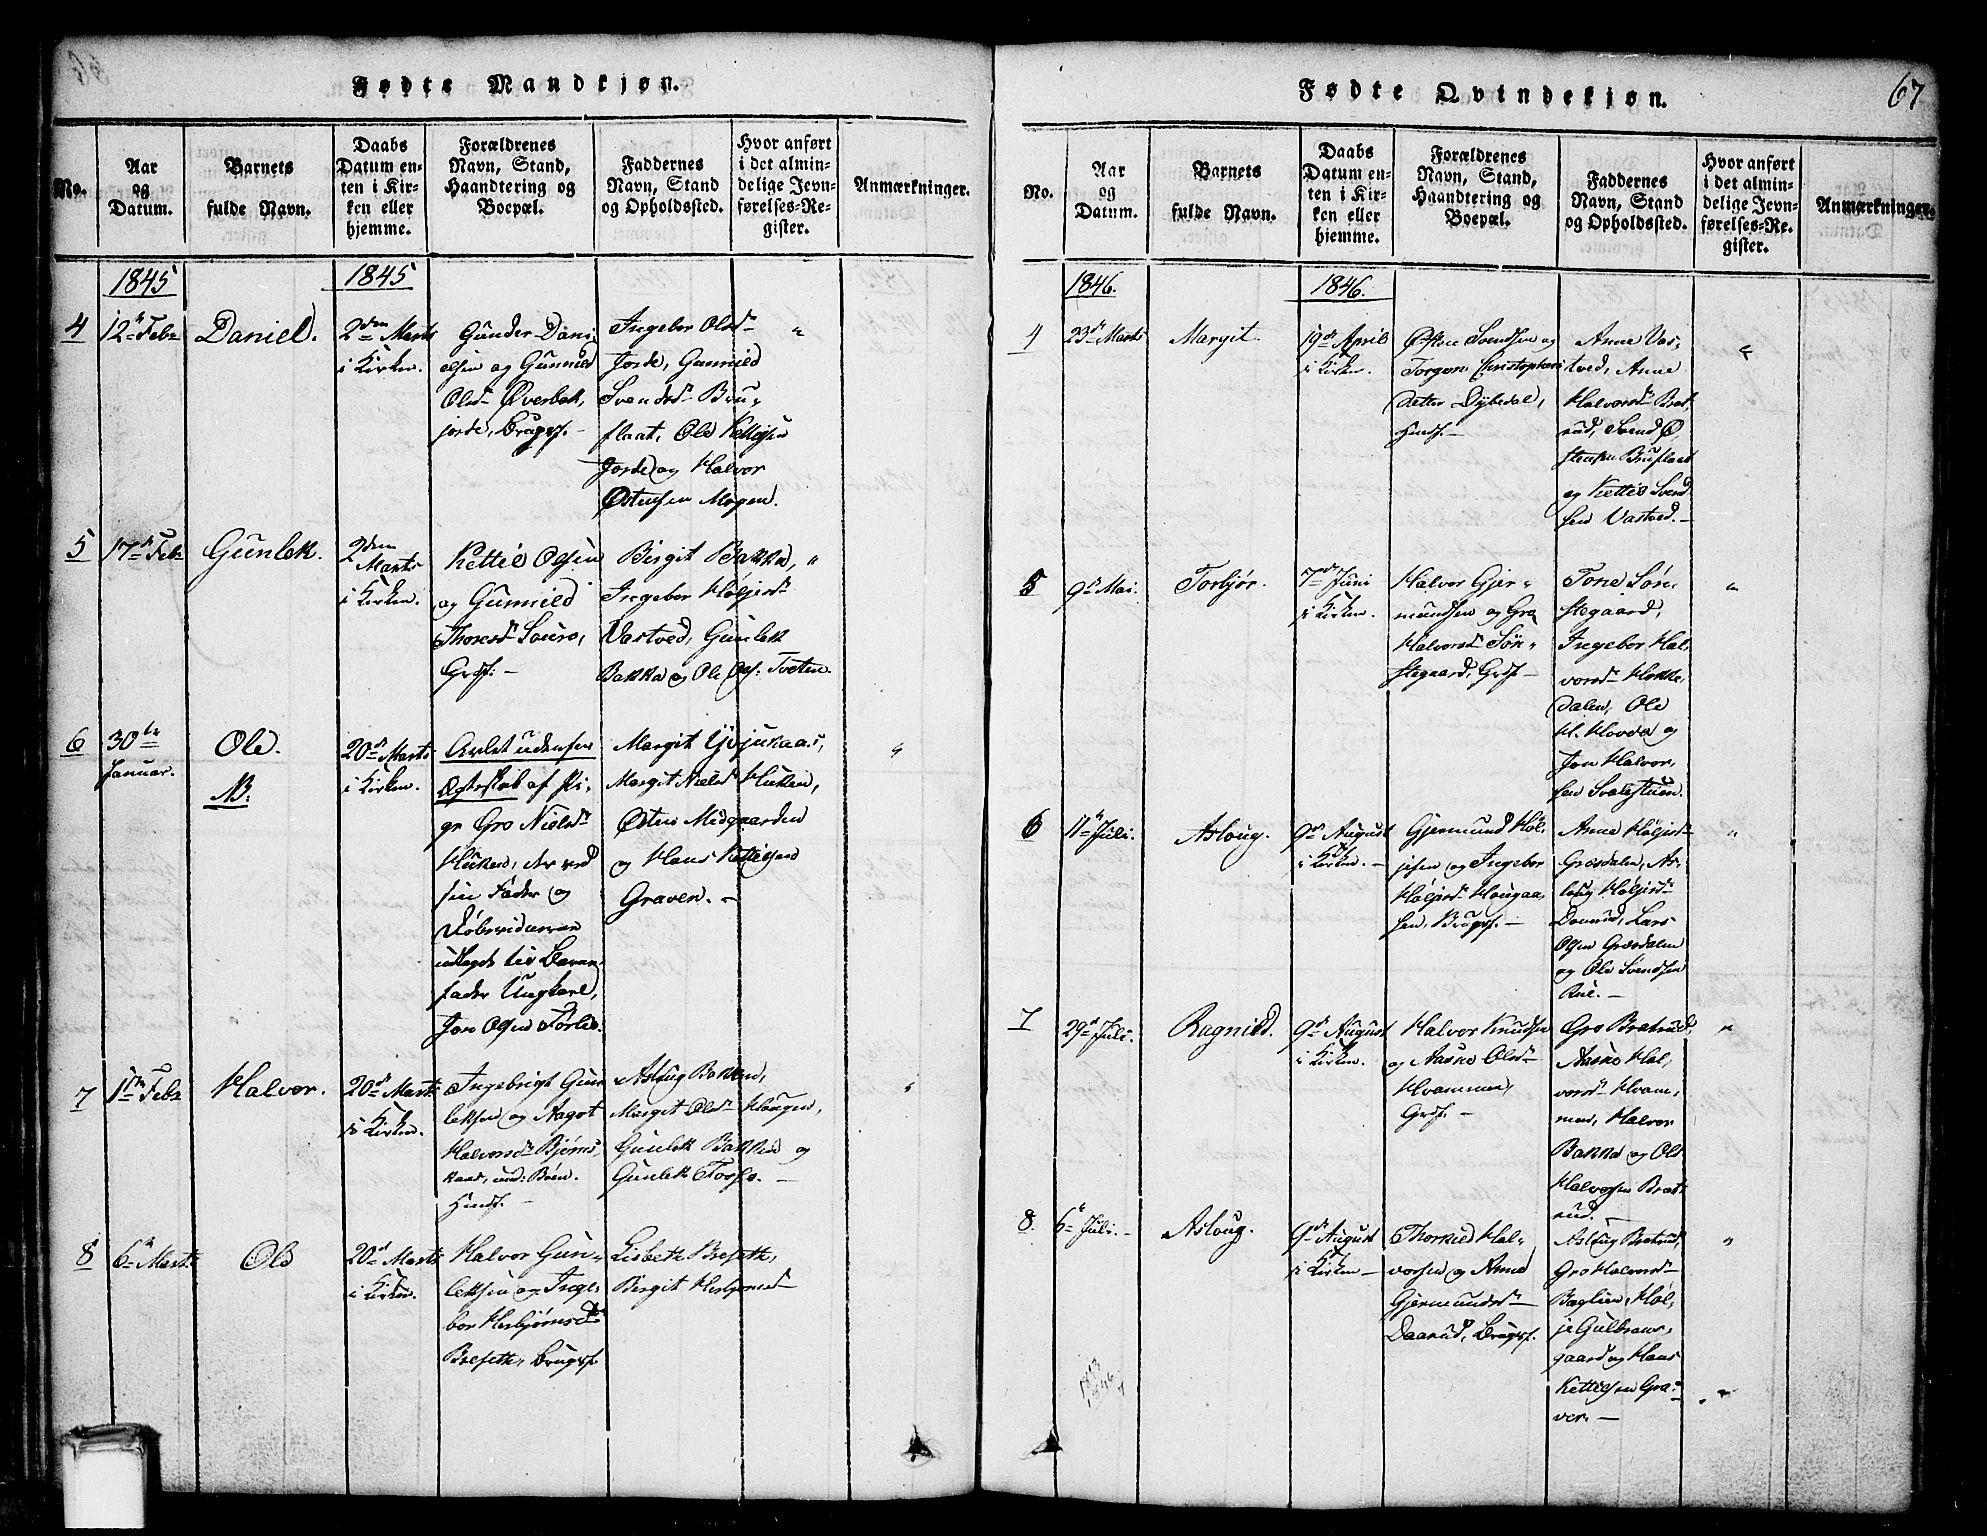 SAKO, Gransherad kirkebøker, G/Gb/L0001: Klokkerbok nr. II 1, 1815-1860, s. 67